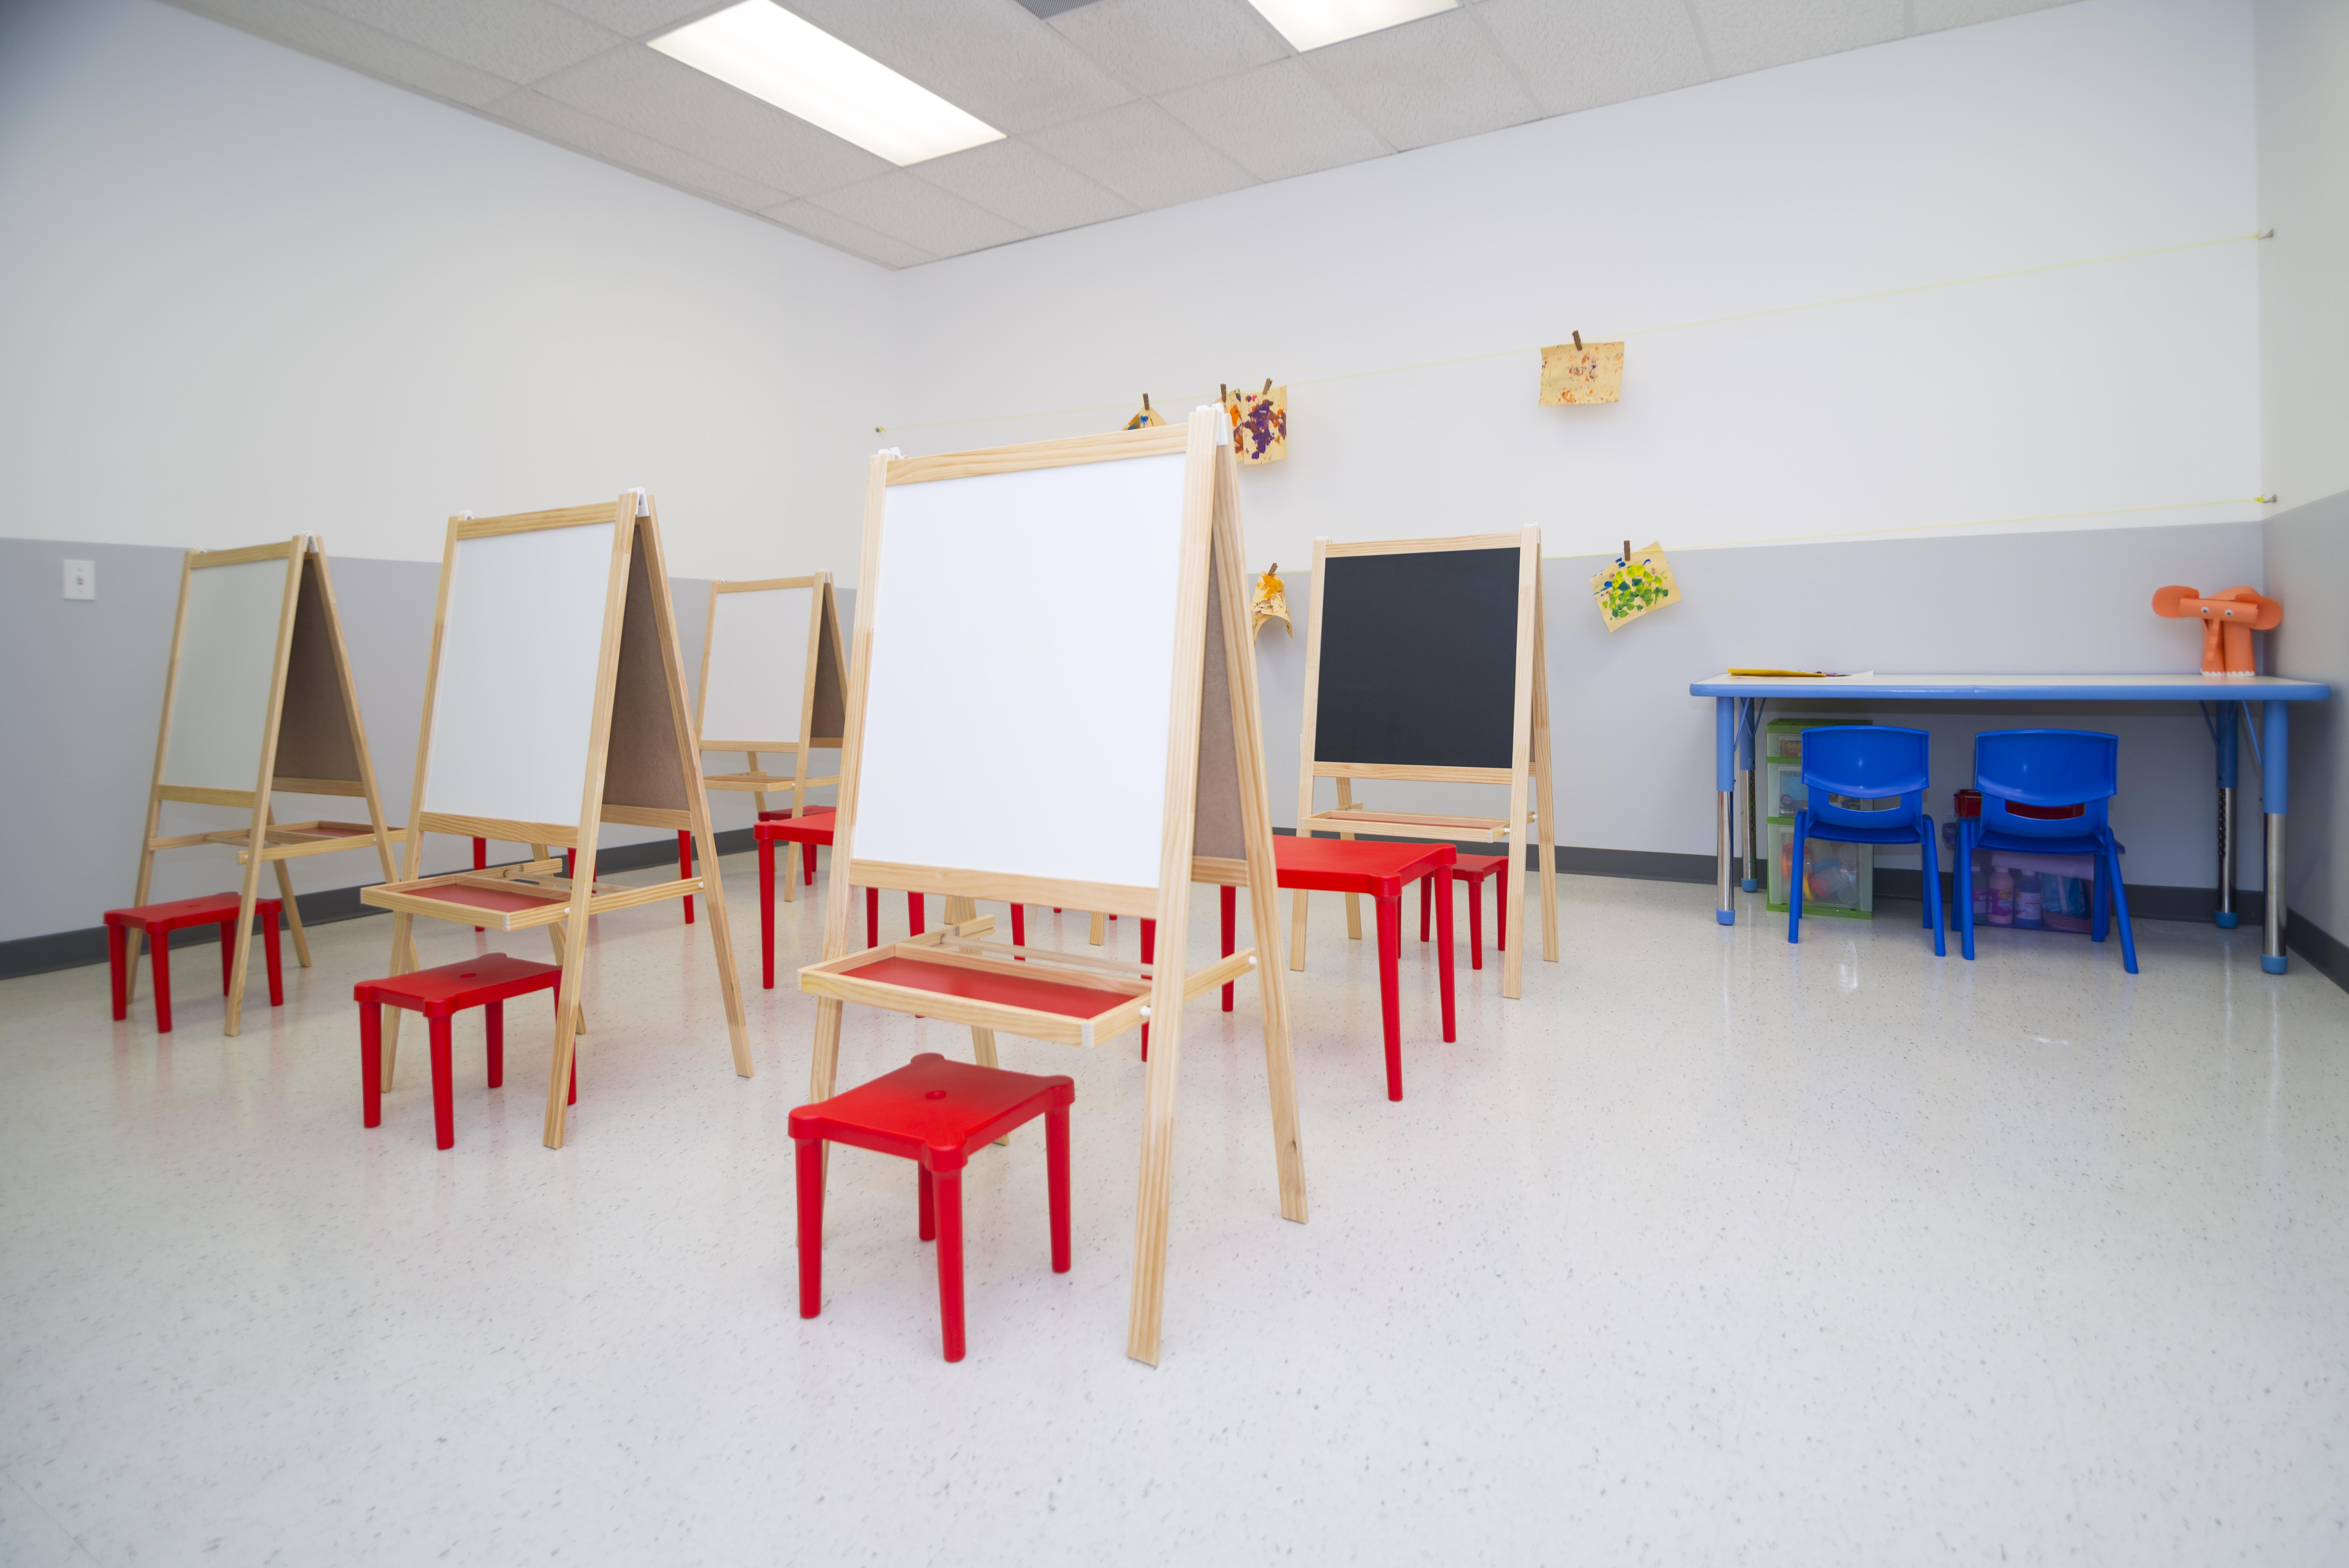 Kiddie City Art Room